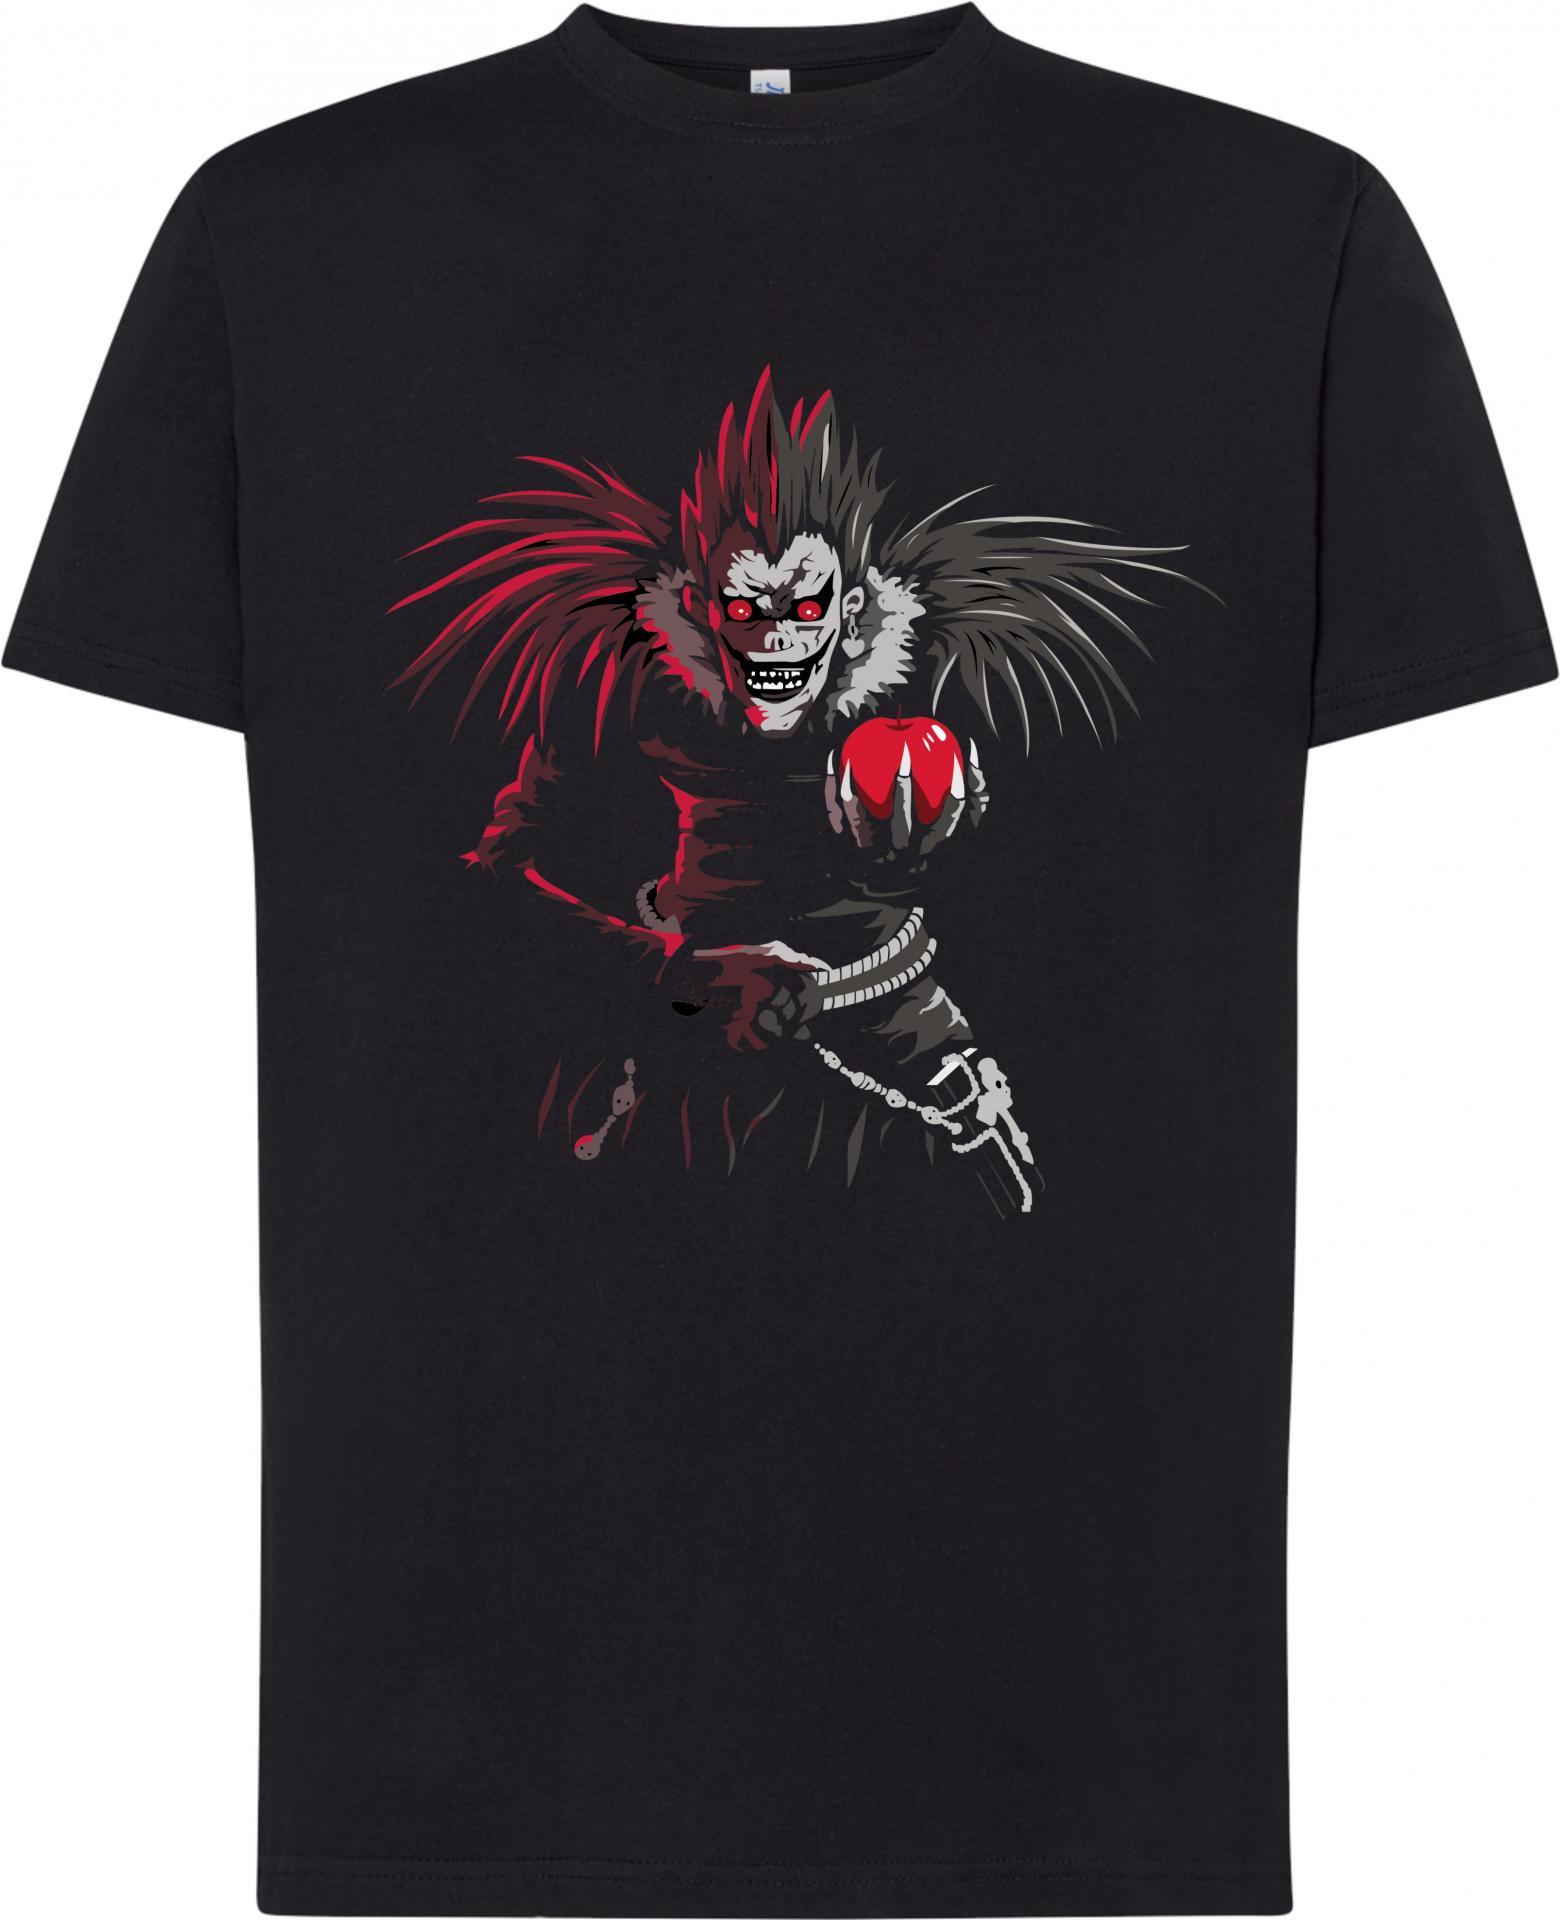 Camiseta Ryuk - Death Note